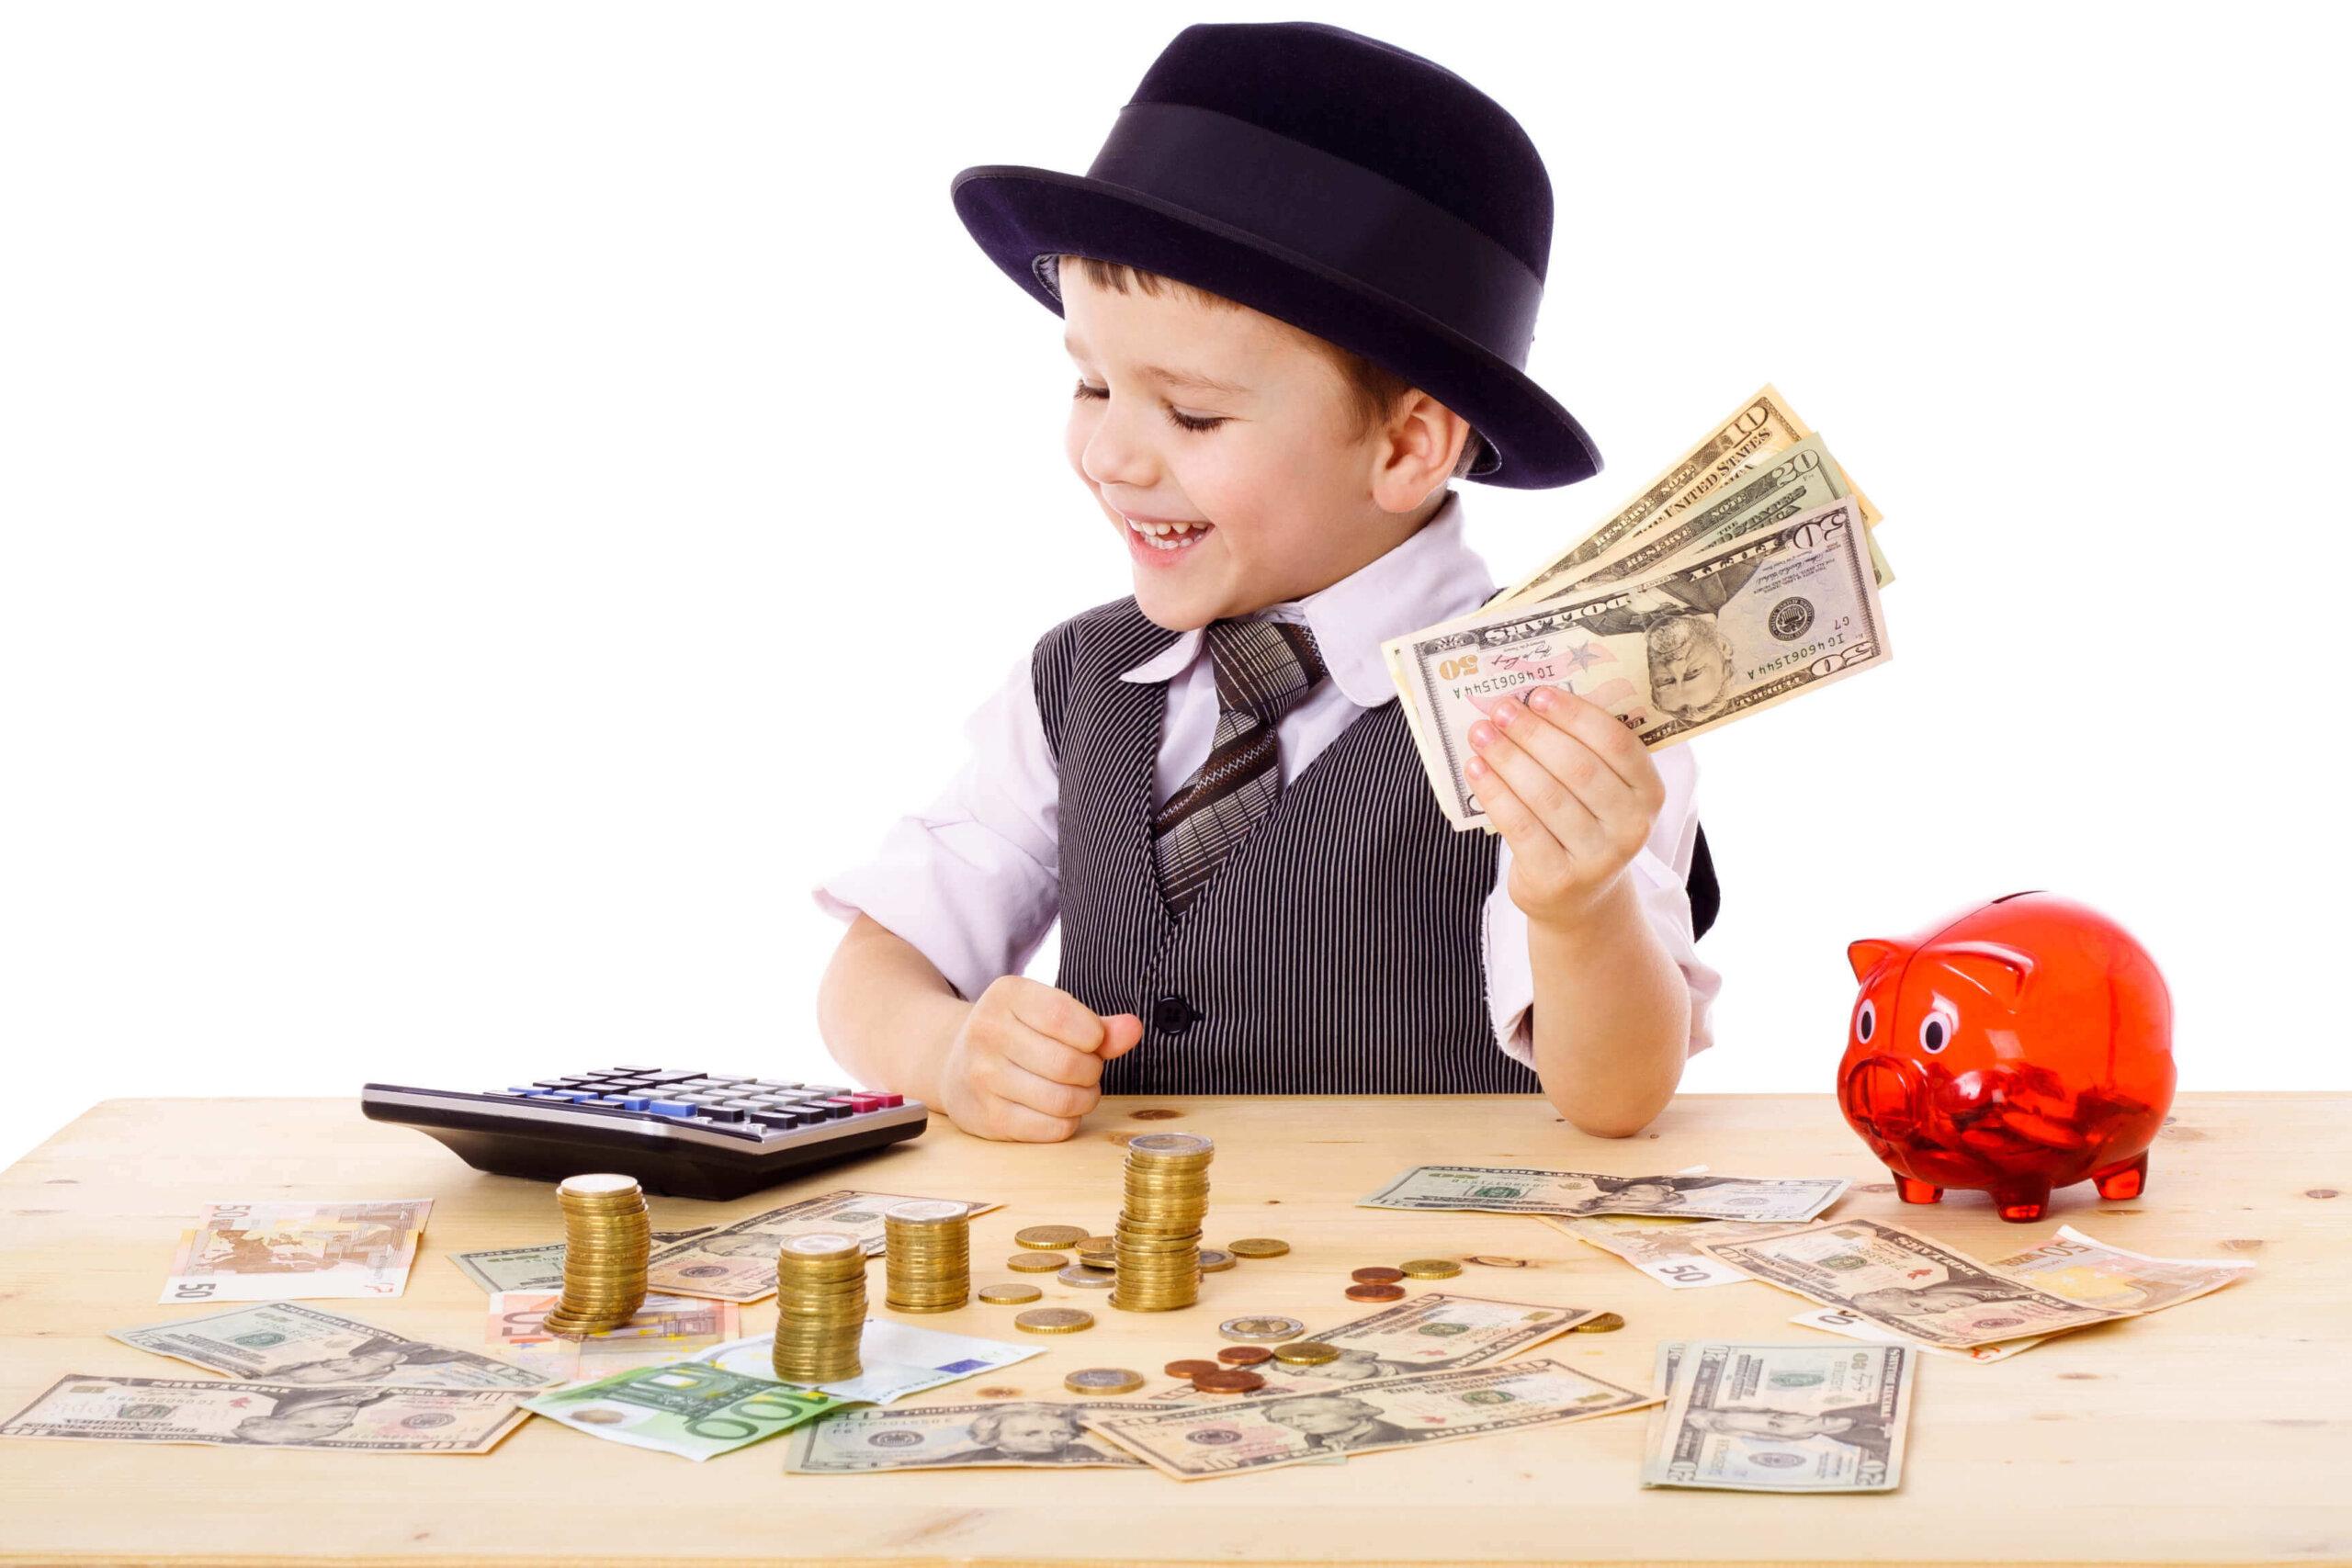 Почему средняя школа не дает основ финансовой грамотности?